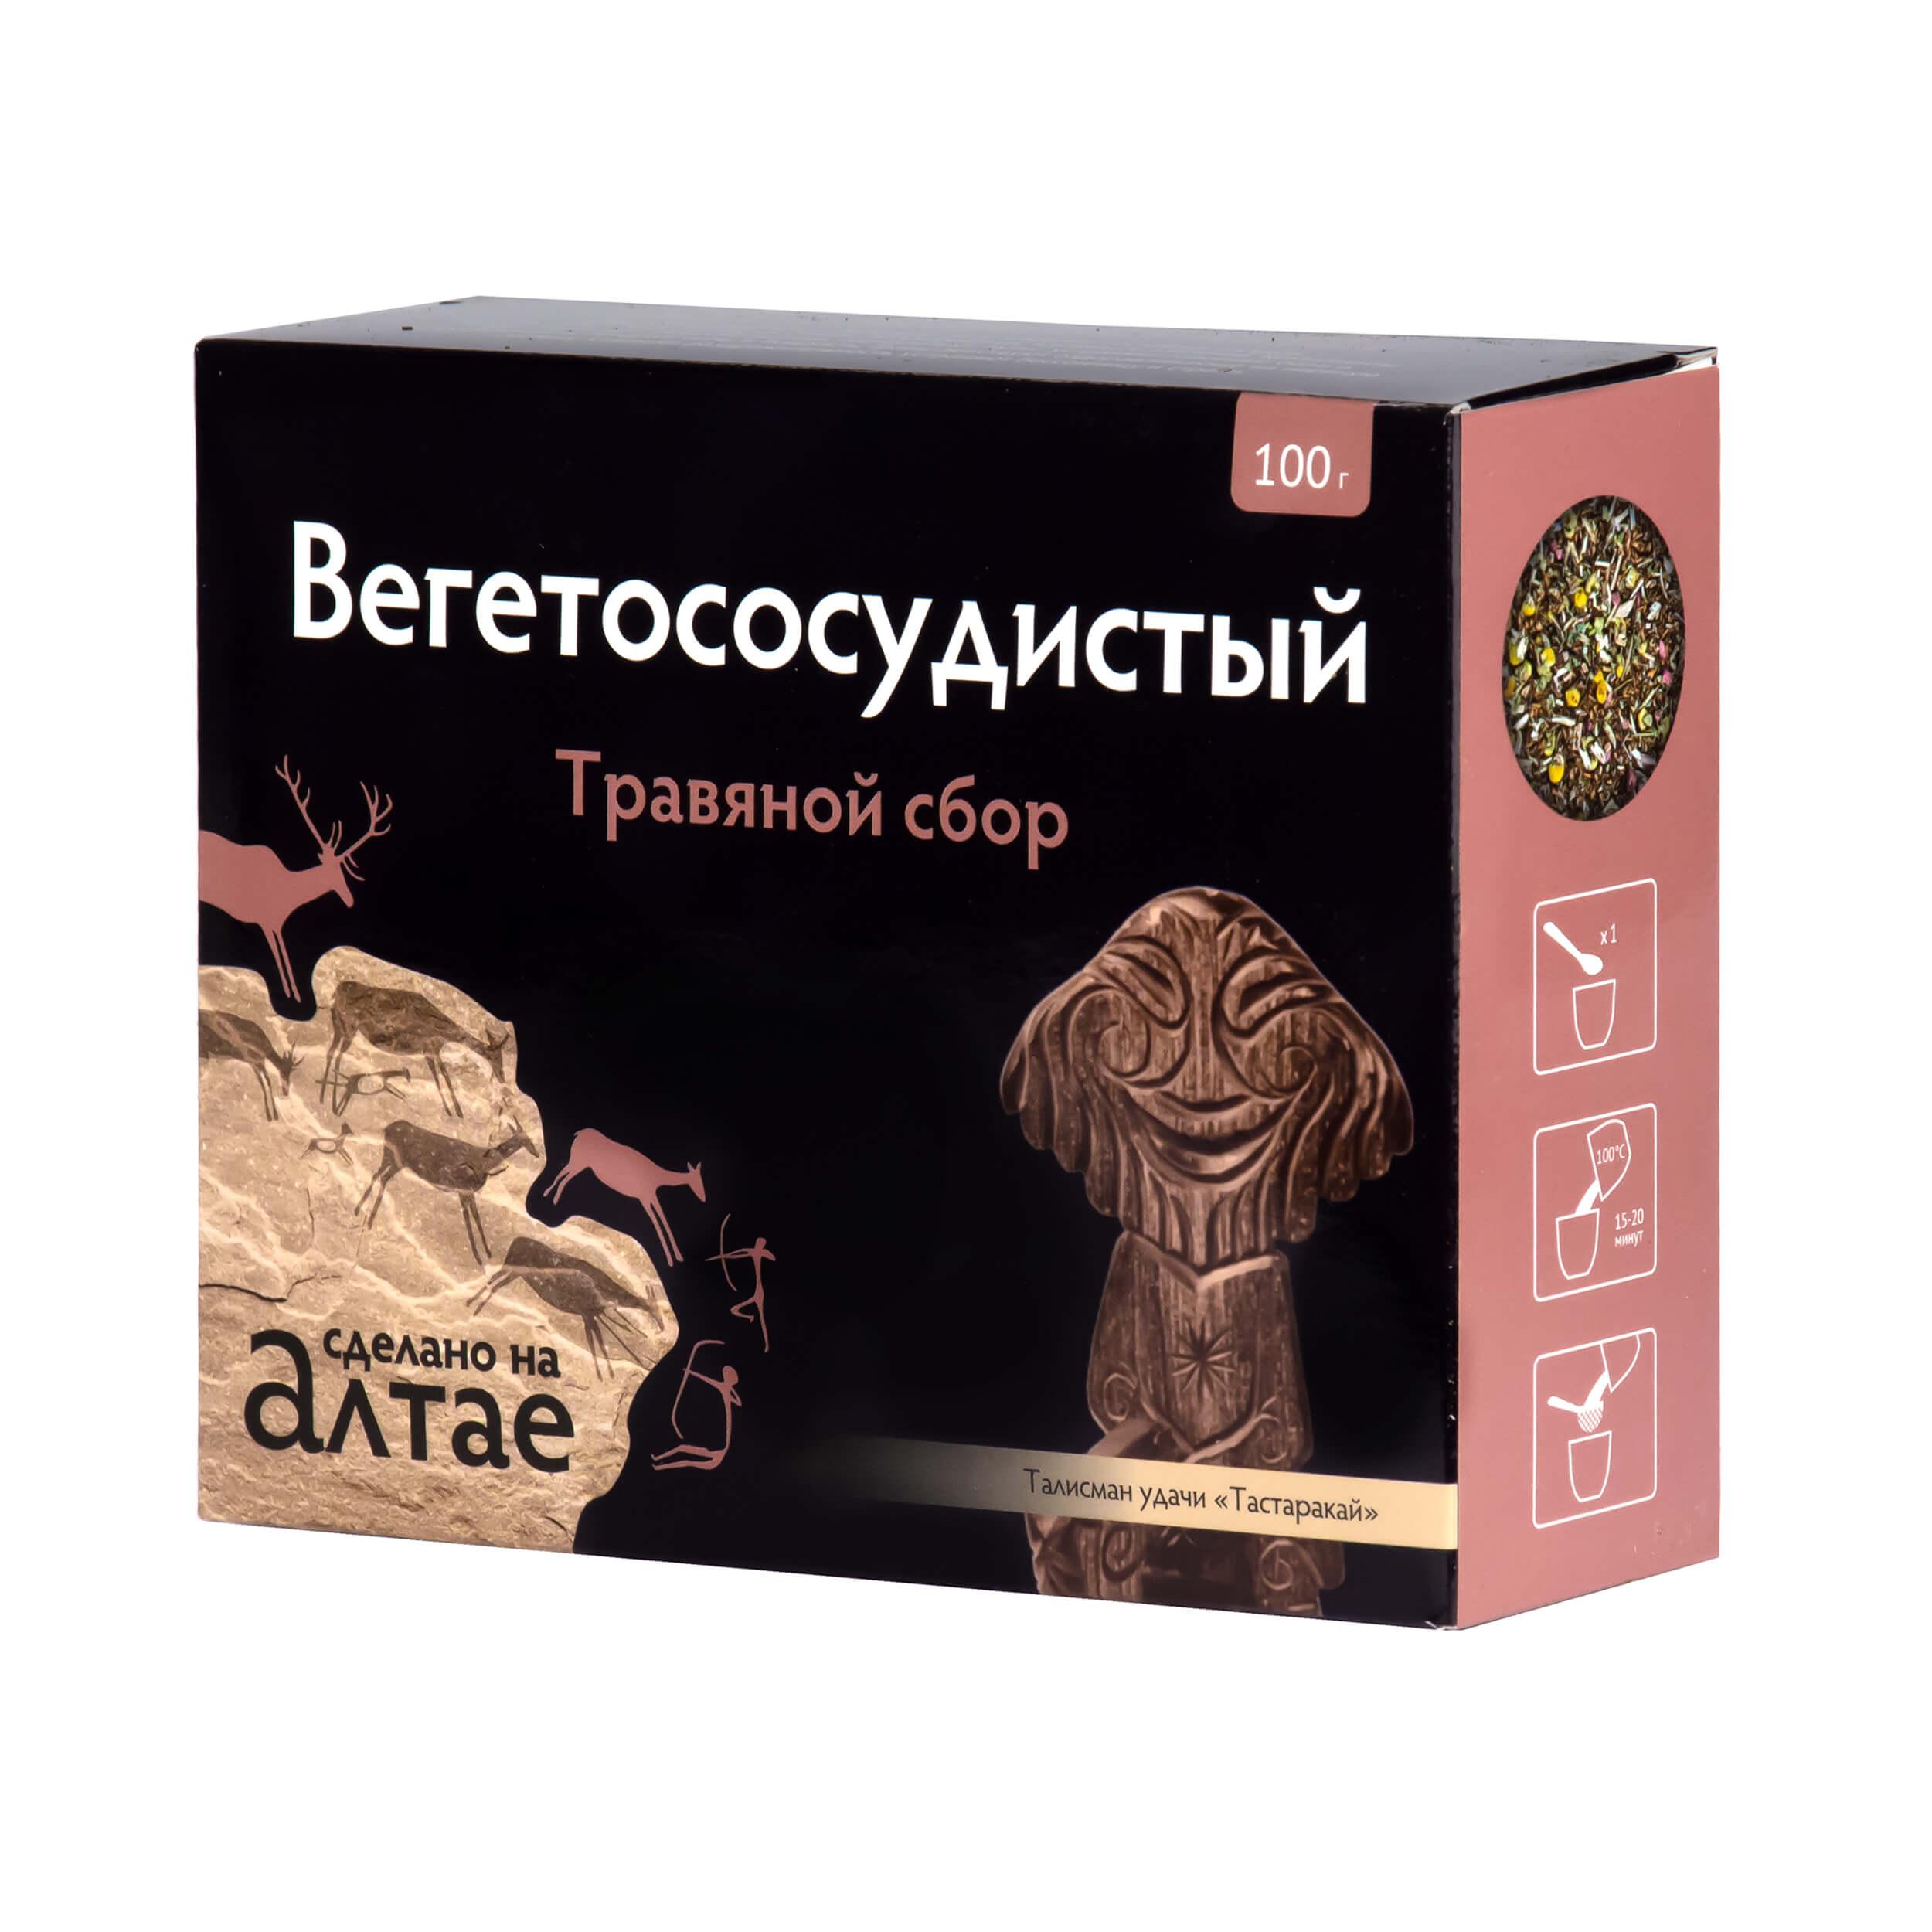 """Травяной сбор """"Вегетососудистый"""" (100 грамм, россыпь) фото"""